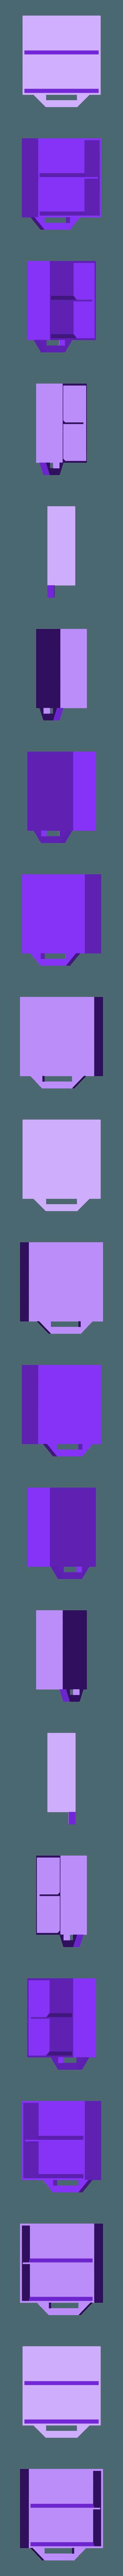 drawer_10x4_double.stl Télécharger fichier STL gratuit Support de système de stockage multi-box • Modèle pour imprimante 3D, vmi